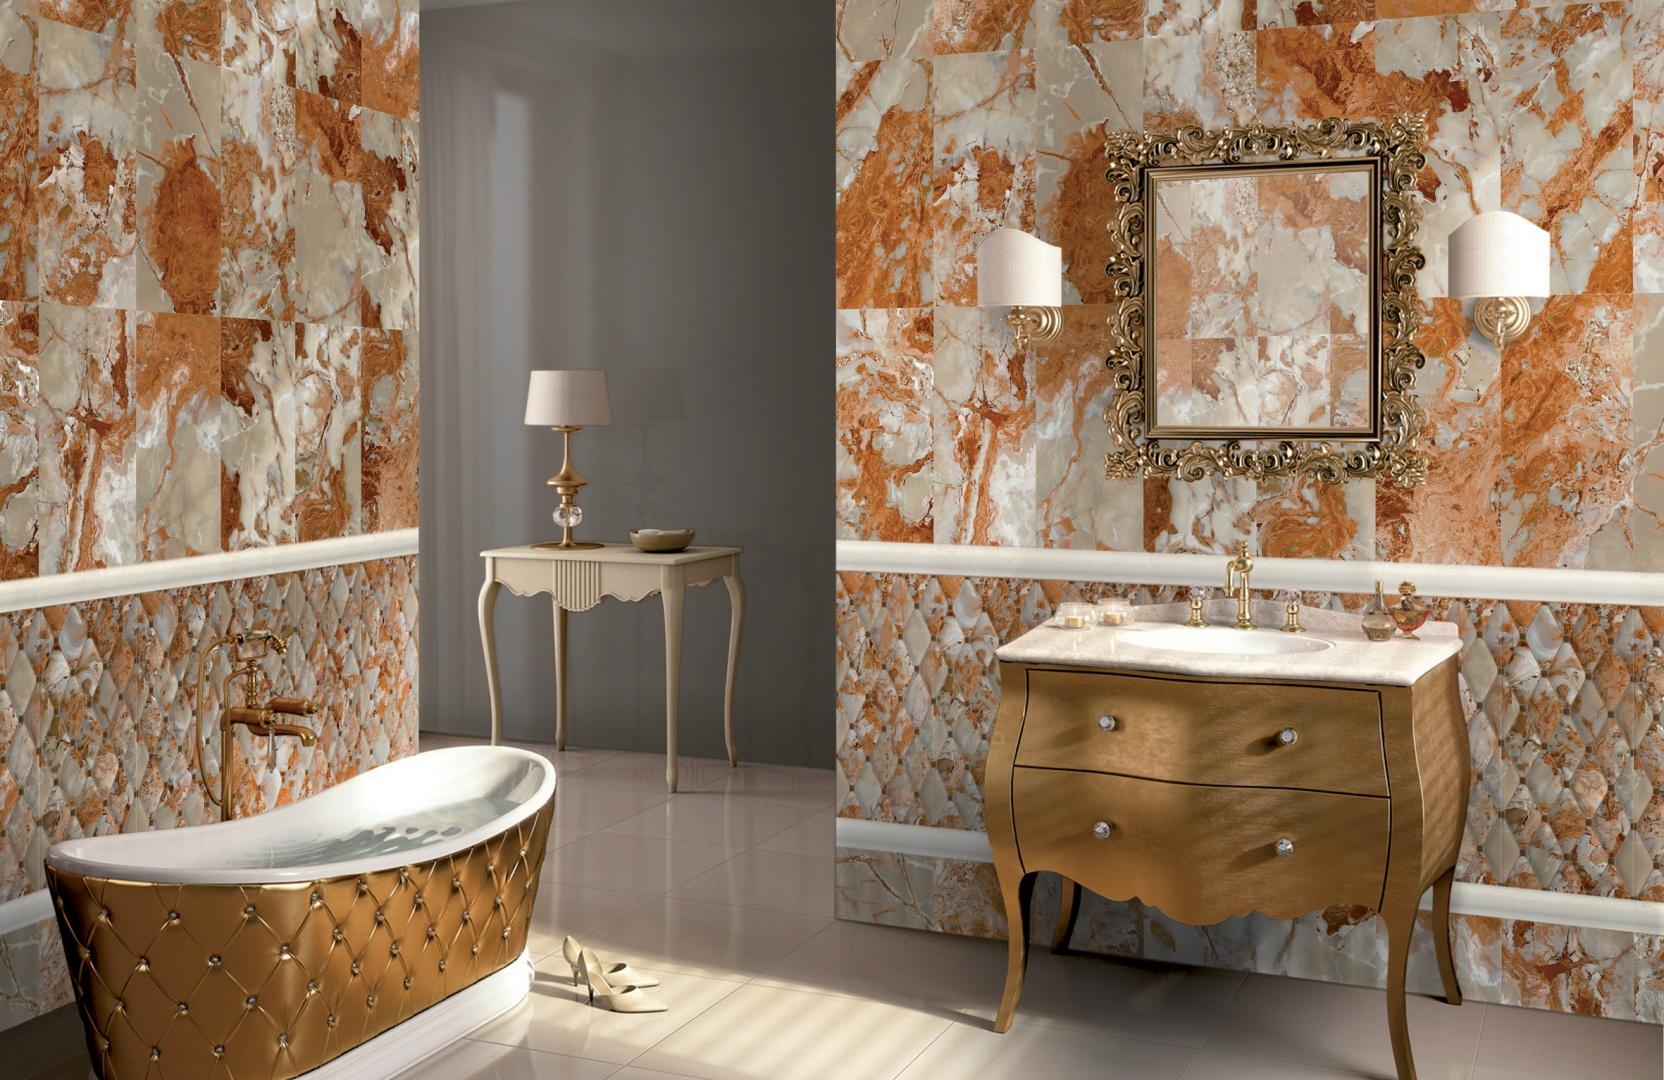 Płytki ceramiczne z kolekcji Orion marki Navarti imitujące strukturę kamienia o ciepłym, miodowym wybarwieniu oryginalnego dekoru oraz szarym, stonowanym tle. Fot. Navarti.